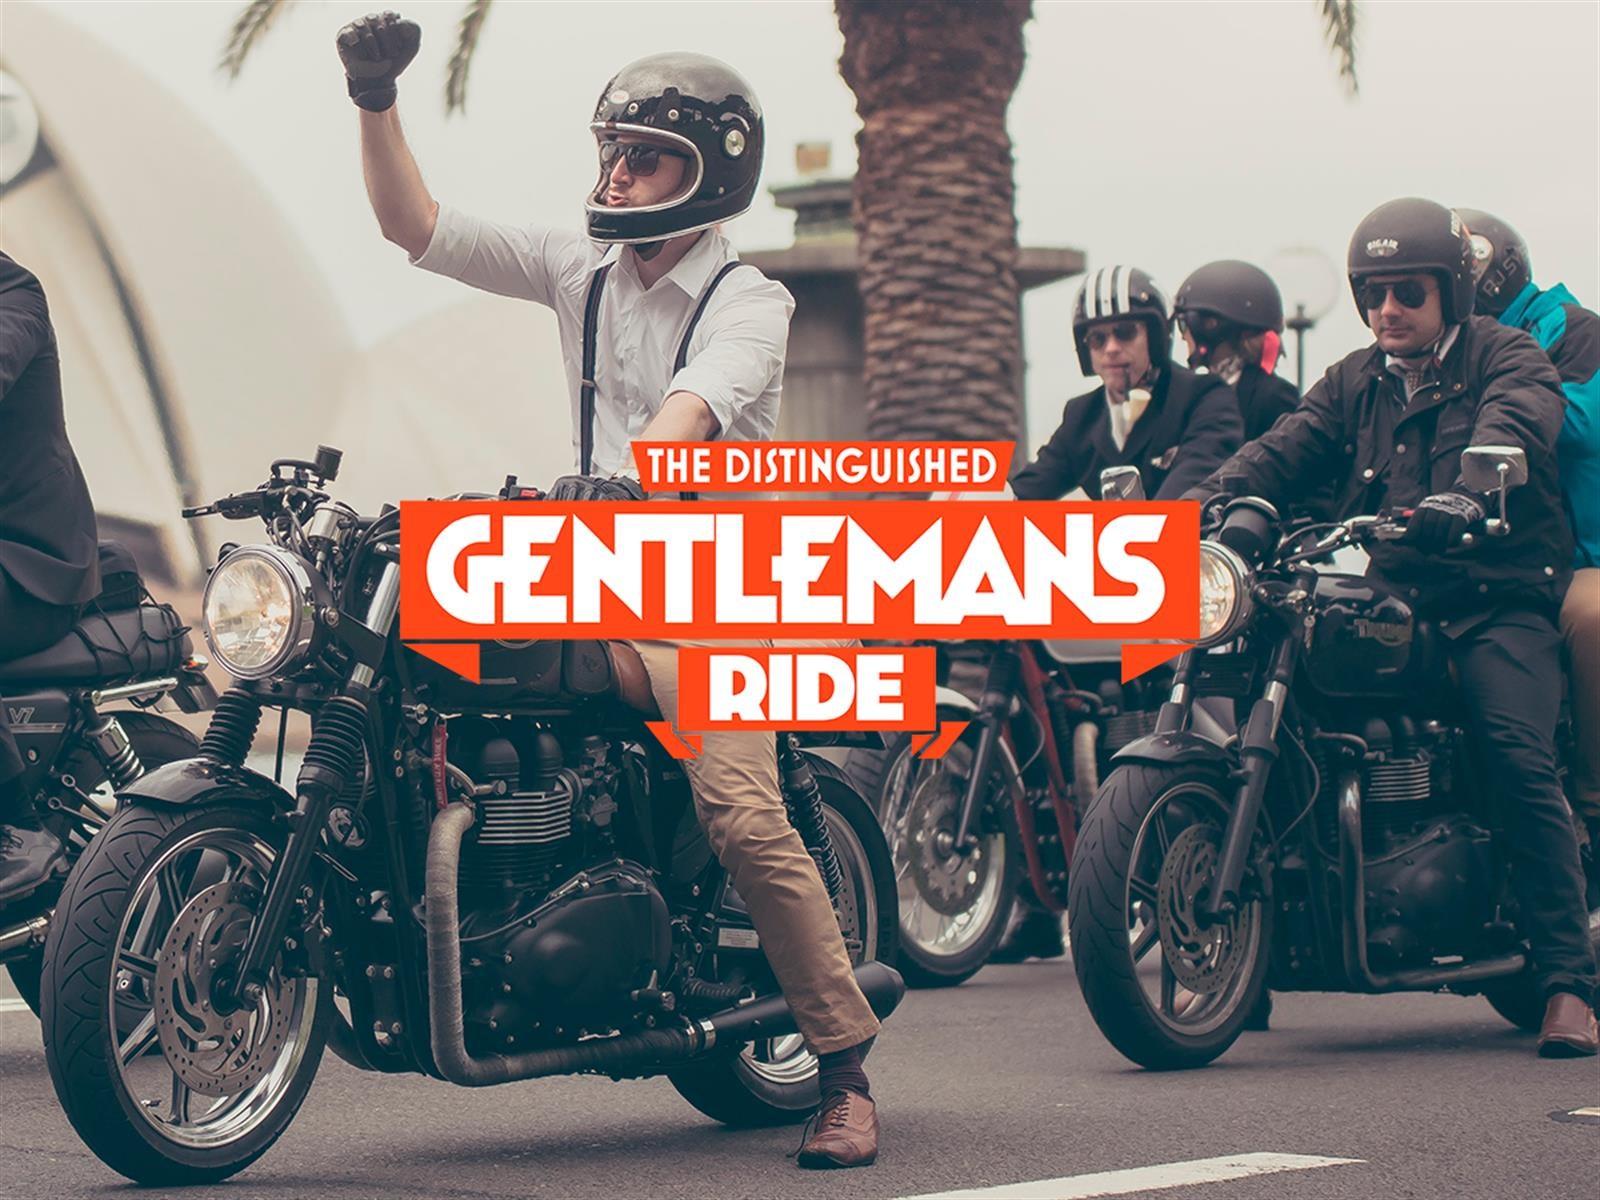 The Distinguished Gentleman's Ride tendrá este domingo una tercera edición